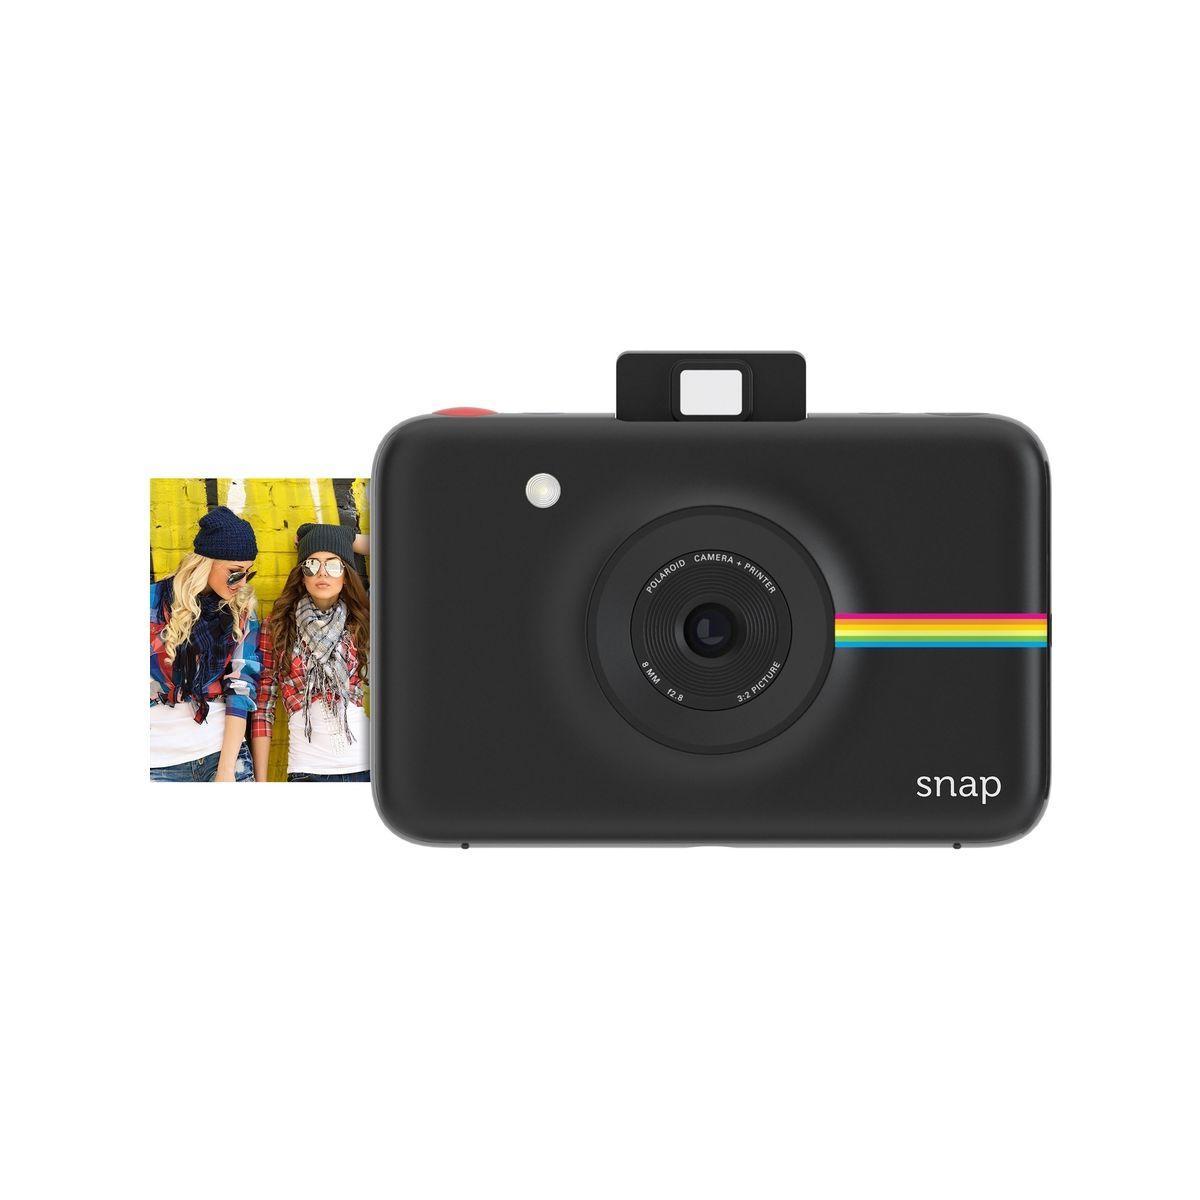 Appareil photo compact polaroid snap - black - 3% de remise immédiate avec le code : multi3 (photo)